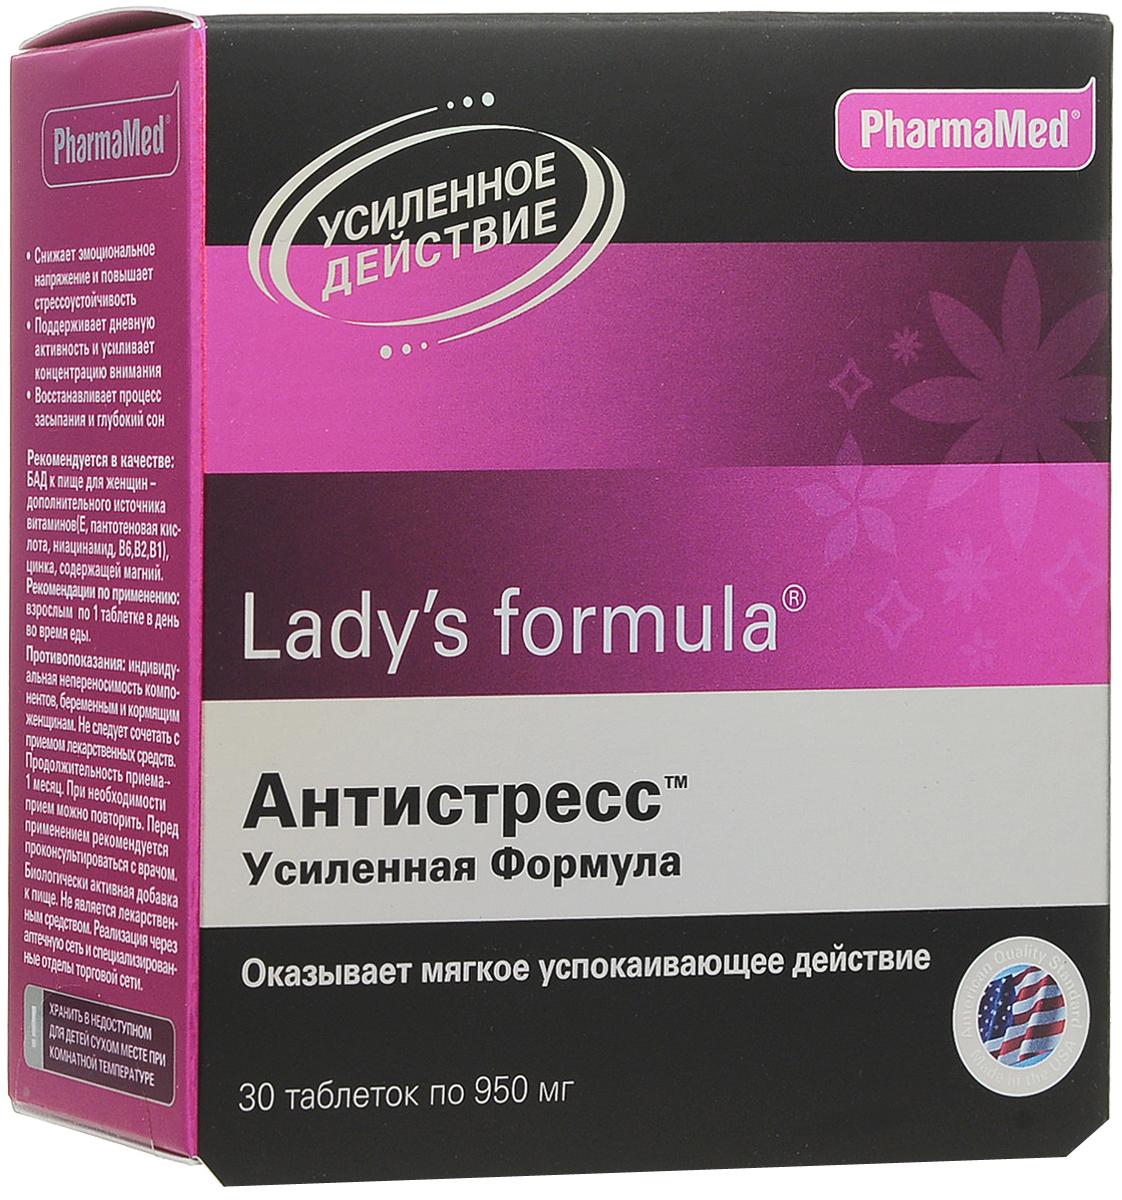 Биокомплекс Ladys formula Антистресс Усиленная формула, 950 мг х 30 таблеток210379Биокомплекс Ladys formula Антистресс Усиленная формула обогащает организм витаминами и минералами, наиболее часто сгорающими во время стрессов. Оригинальная растительная формула комплекса, состоящая из уникальной комбинации экстрактов лекарственных растений, повышает устойчивость организма к стрессовым нагрузкам, оказывает мягкое успокаивающее действие на центральную нервную систему, нормализует сон.Товар сертифицирован.